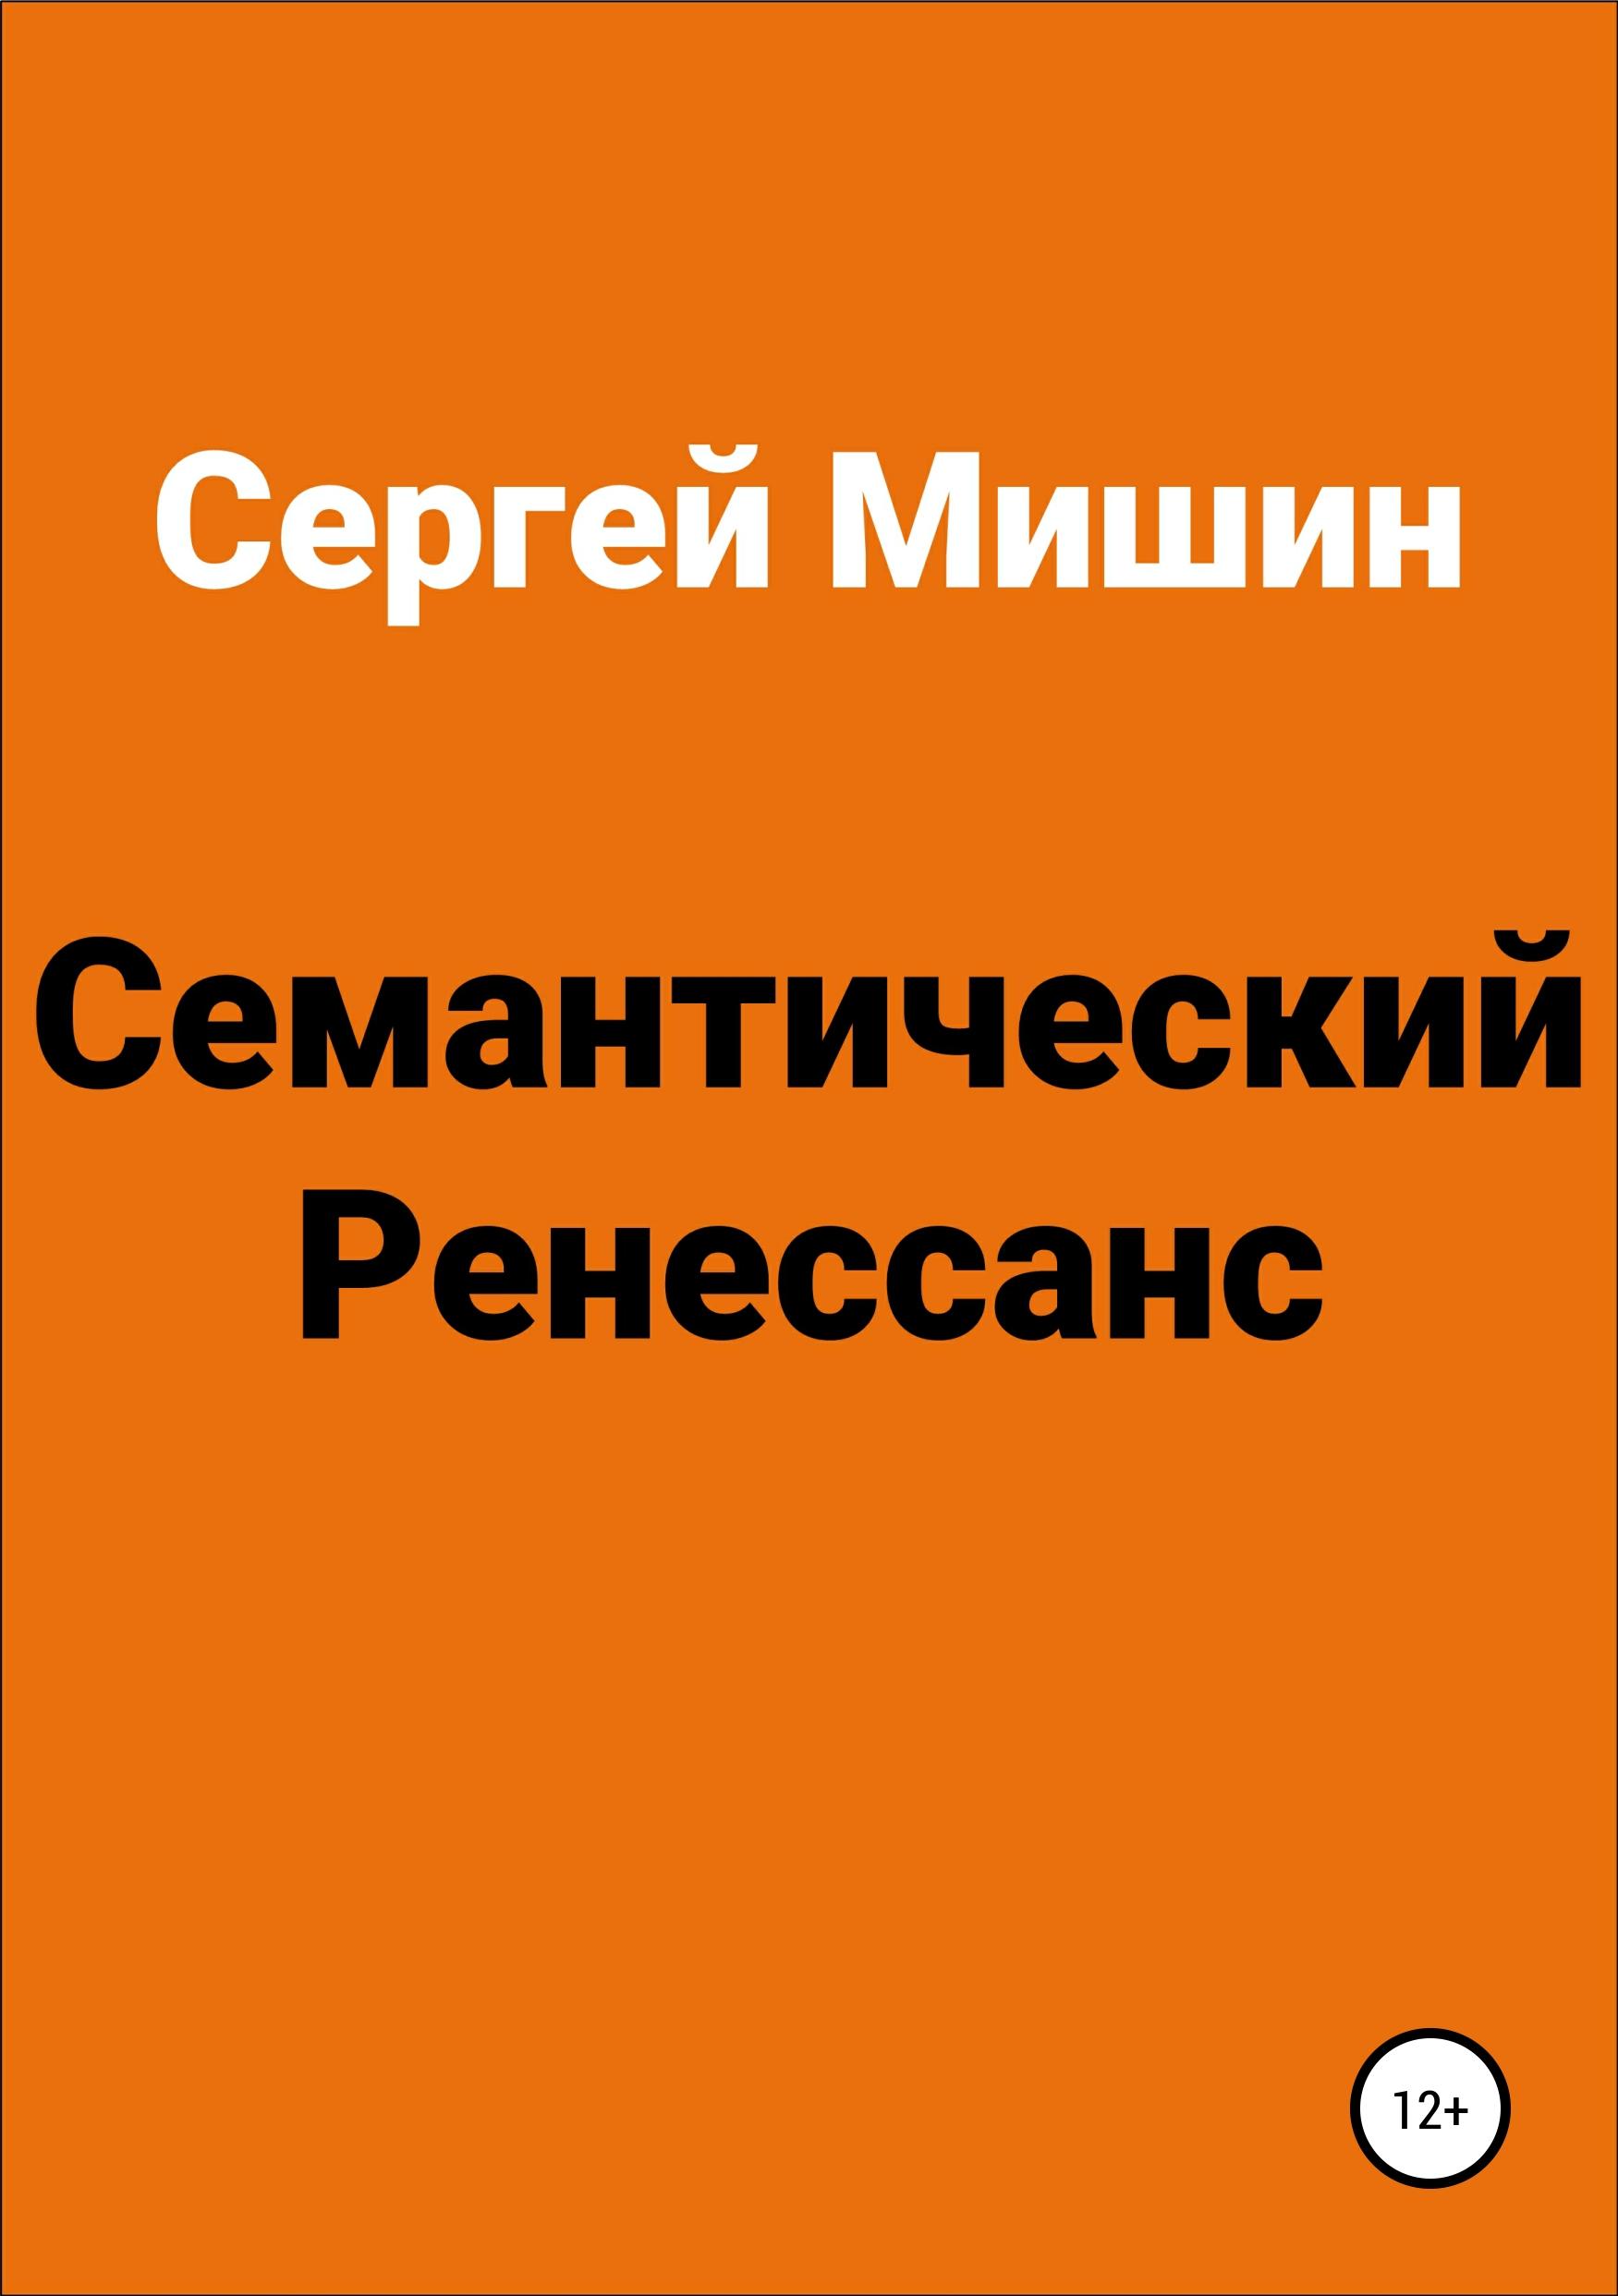 Обложка книги. Автор - Сергей Мишин